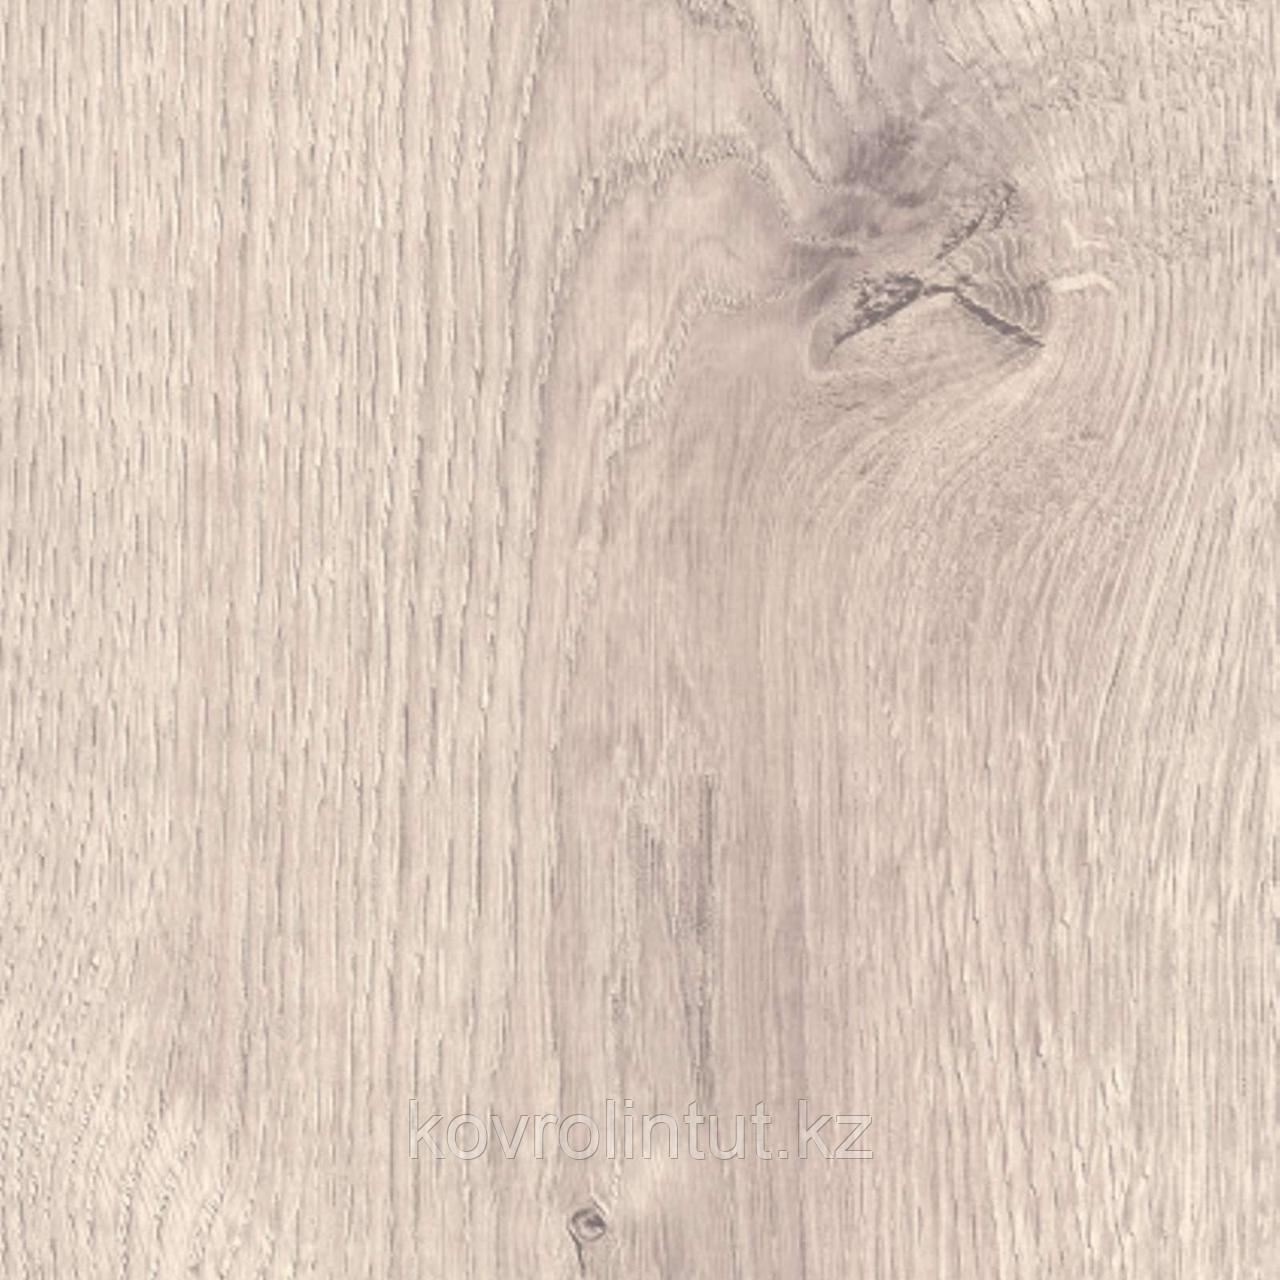 Плитка ПВХ клеевая IVC Primero Sebastian Oak 22139N